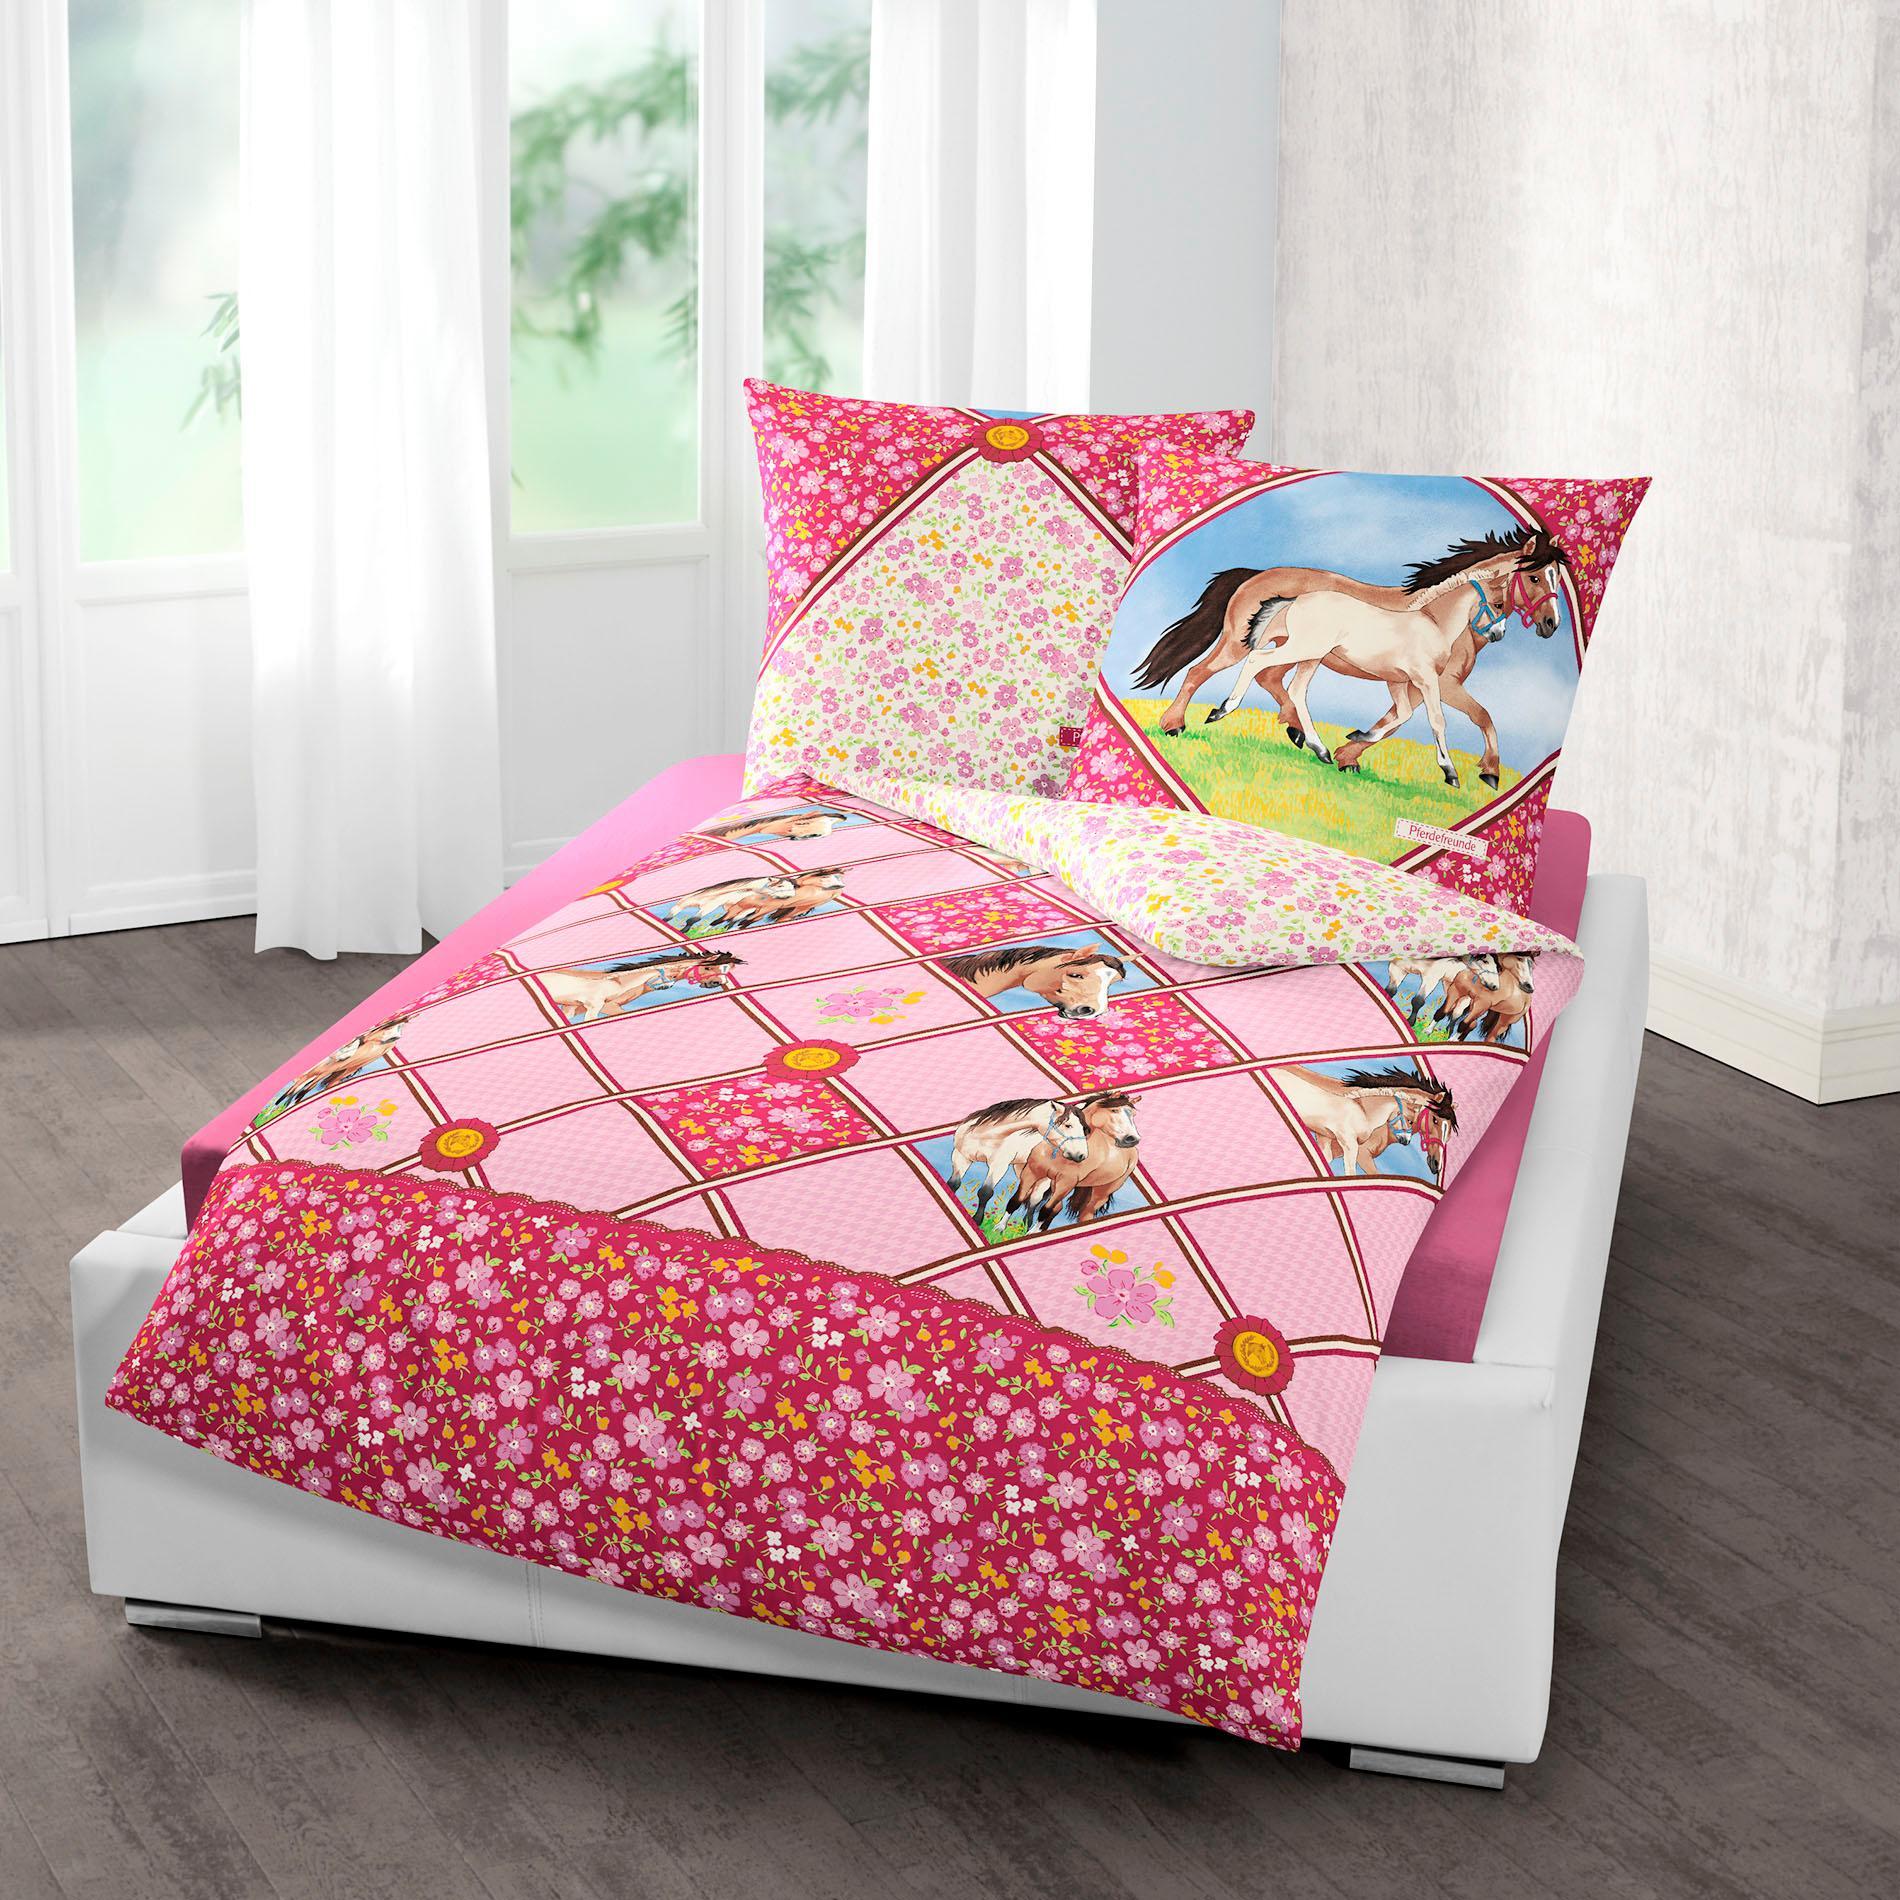 Kinderbettwäsche »Potro«, Pferdefreunde | Kinderzimmer > Textilien für Kinder > Kinderbettwäsche | Bunt | Baumwolle | PFERDEFREUNDE